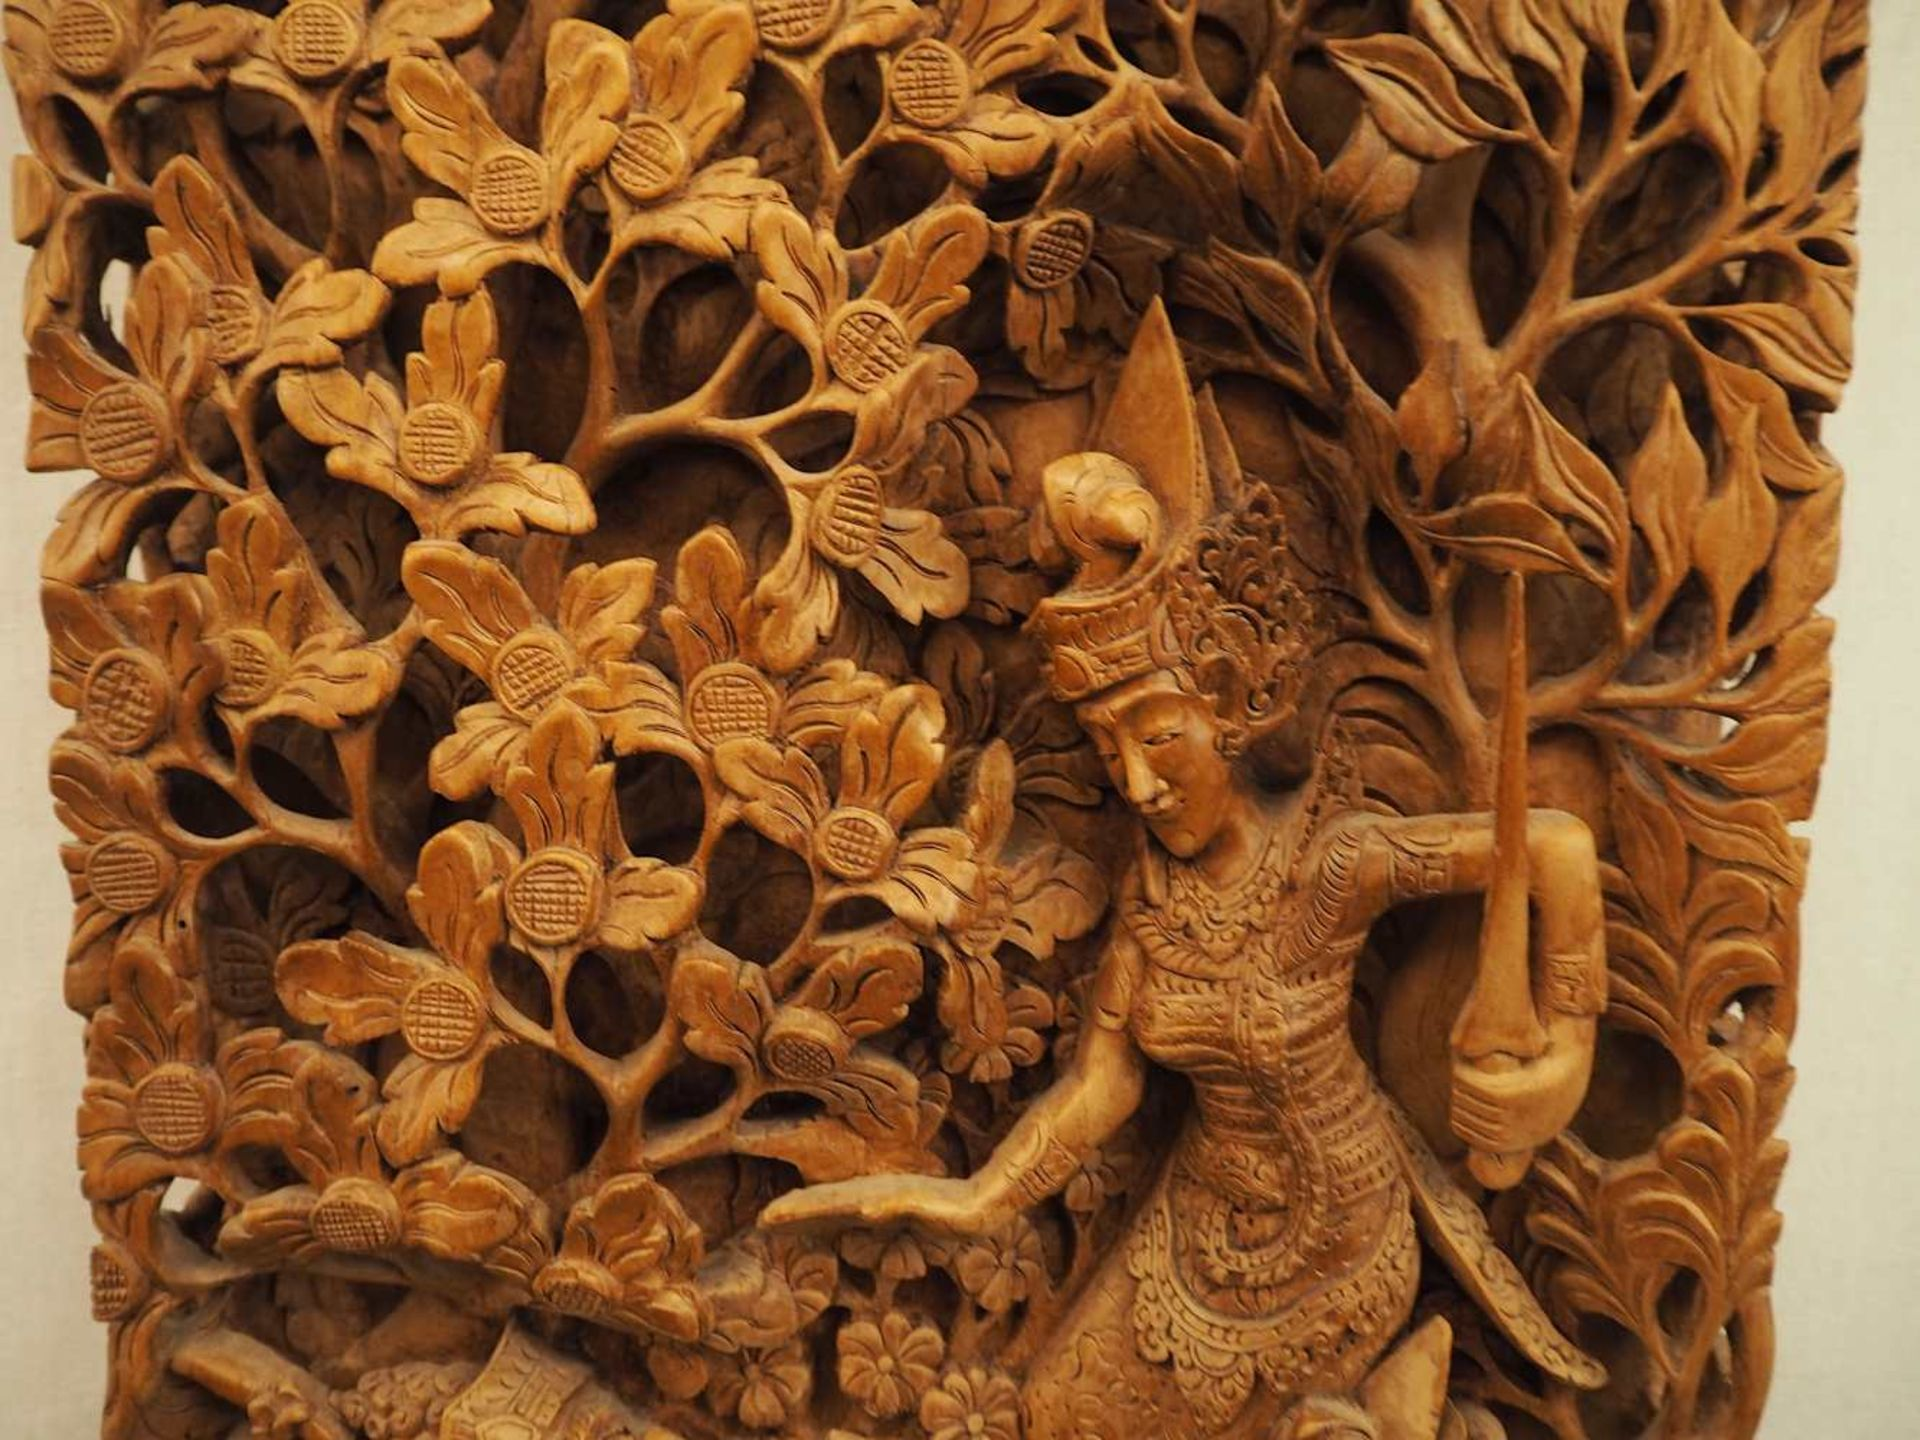 """2 Wandappliken """"Szenen aus dem Leben des Affenkönigs Hanuman"""" wohl Thailand 2. Hälfte 20. Jh.< - Bild 5 aus 6"""